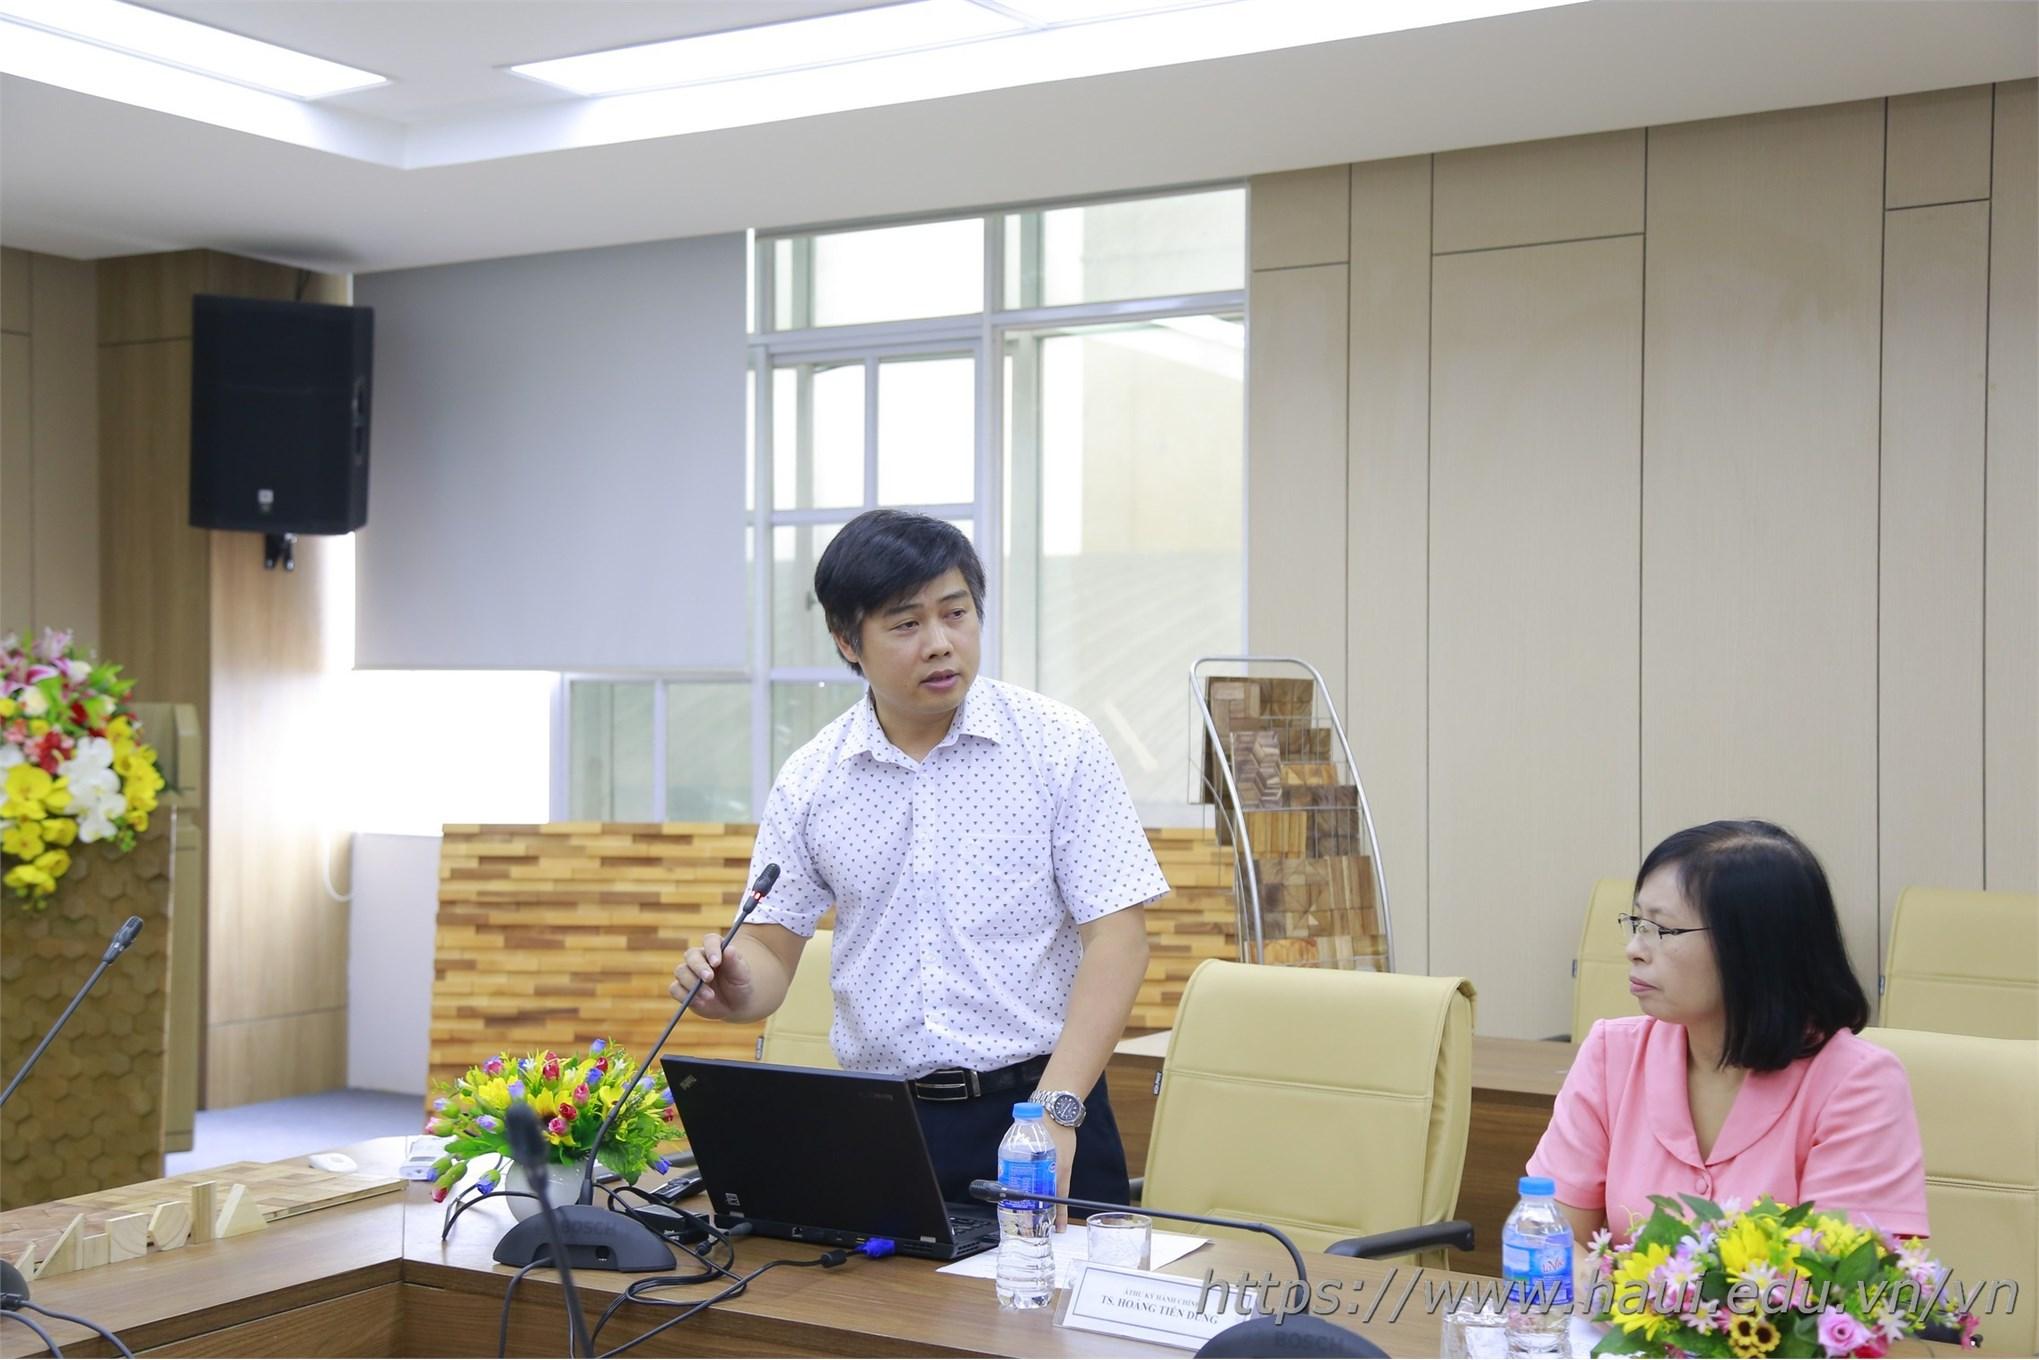 PGS.TS. Hoàng Việt Dũng – Chủ nhiệm đề tài trình bày trước Hội đồng nghiệm thu